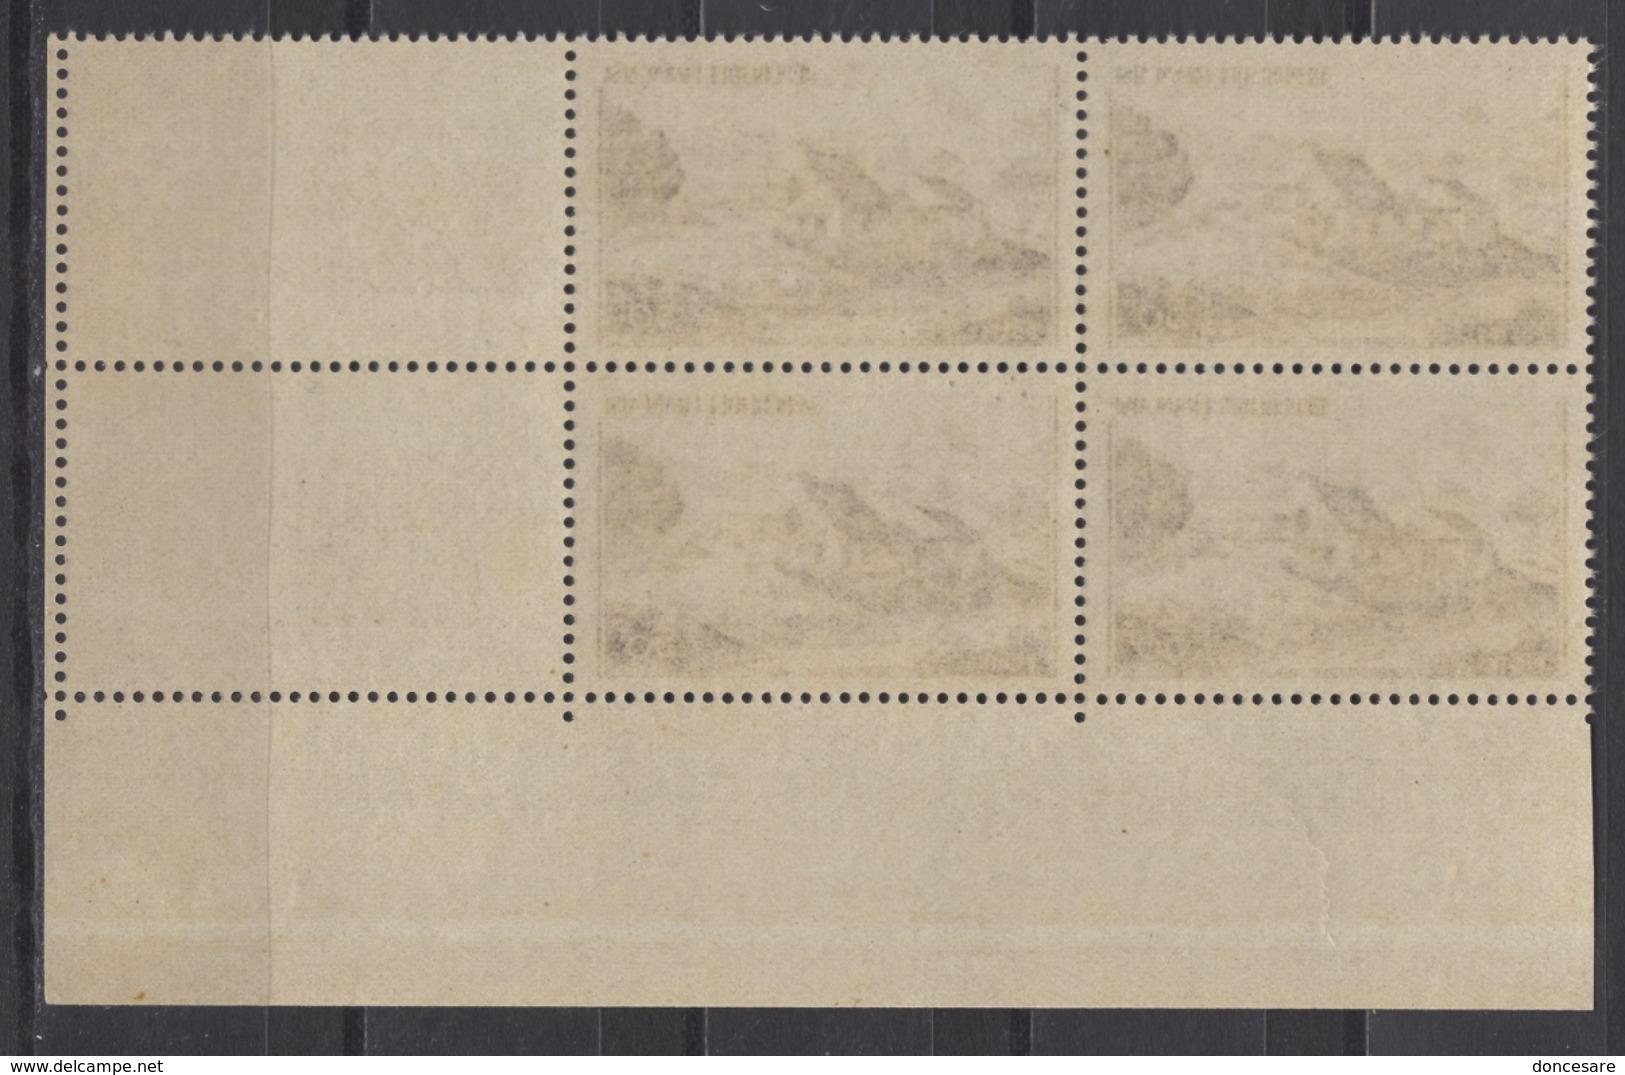 FRANCE 1949 - BLOC DE 4 TP  Y.T. N° 843 - COIN DE FEUILLE NEUFS** /Y176 - Unused Stamps